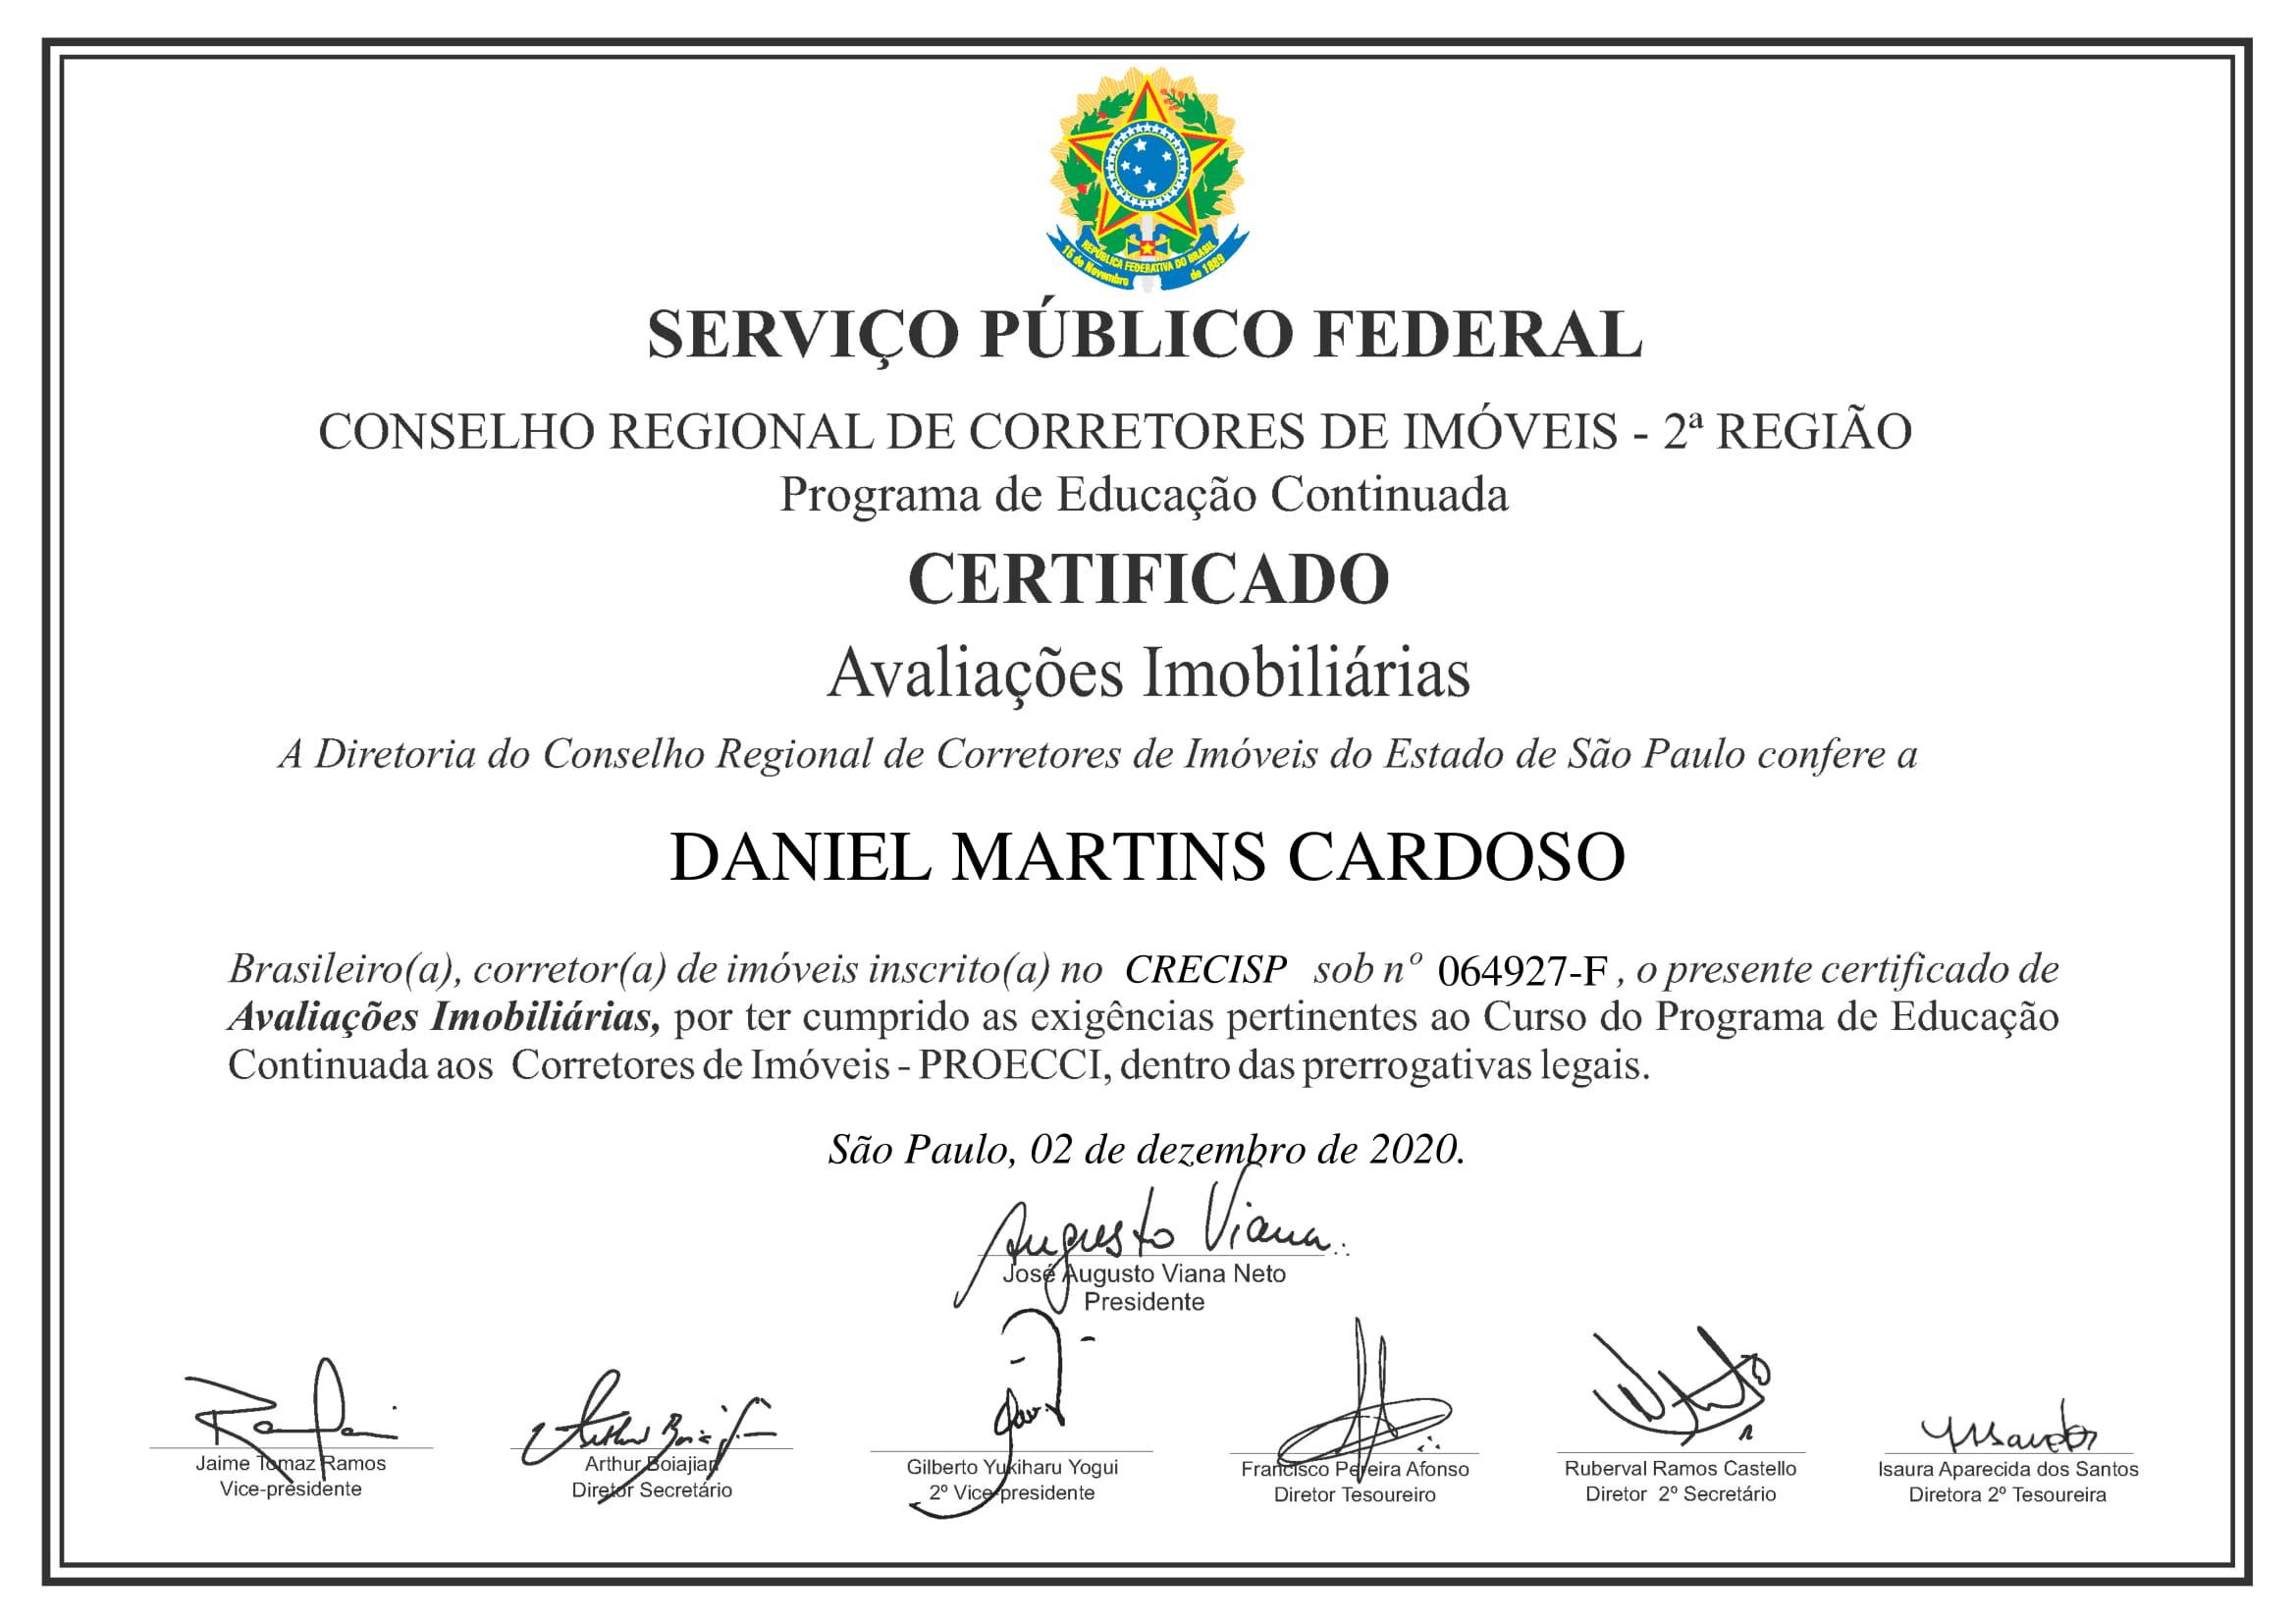 Certificado - Avaliações Imobiliárias